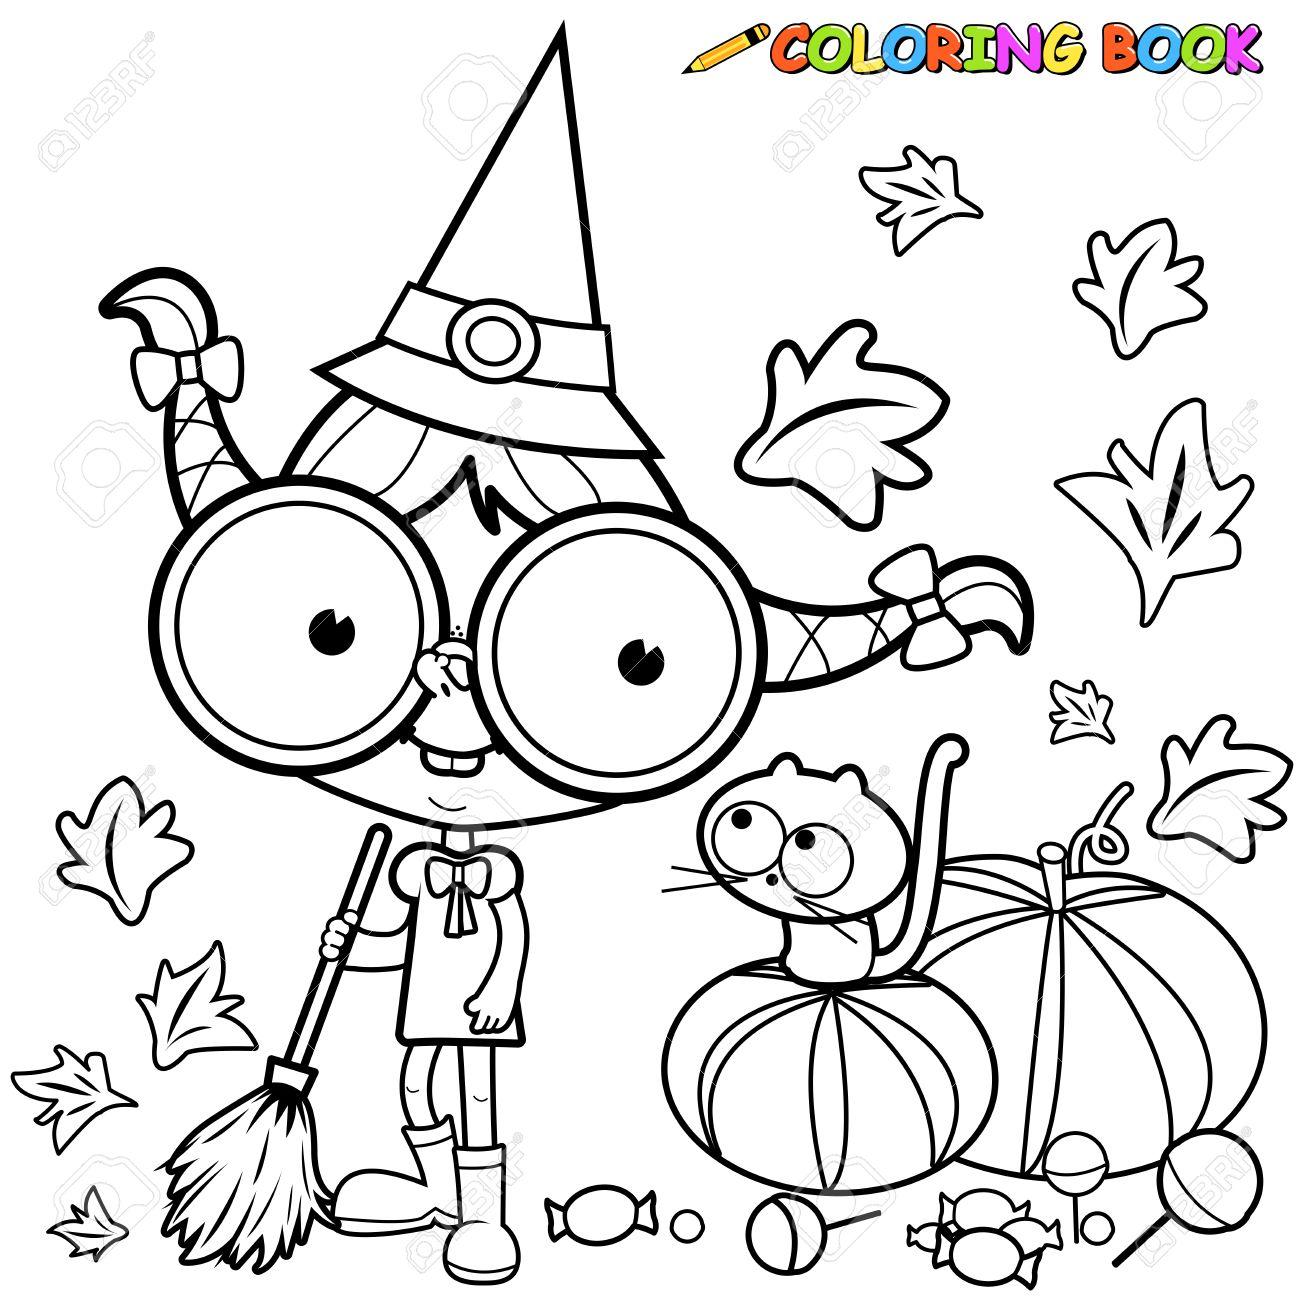 Coloriage Halloween Sorciere Balayant Les Feuilles De Citrouille Clip Art Libres De Droits Vecteurs Et Illustration Image 46750517